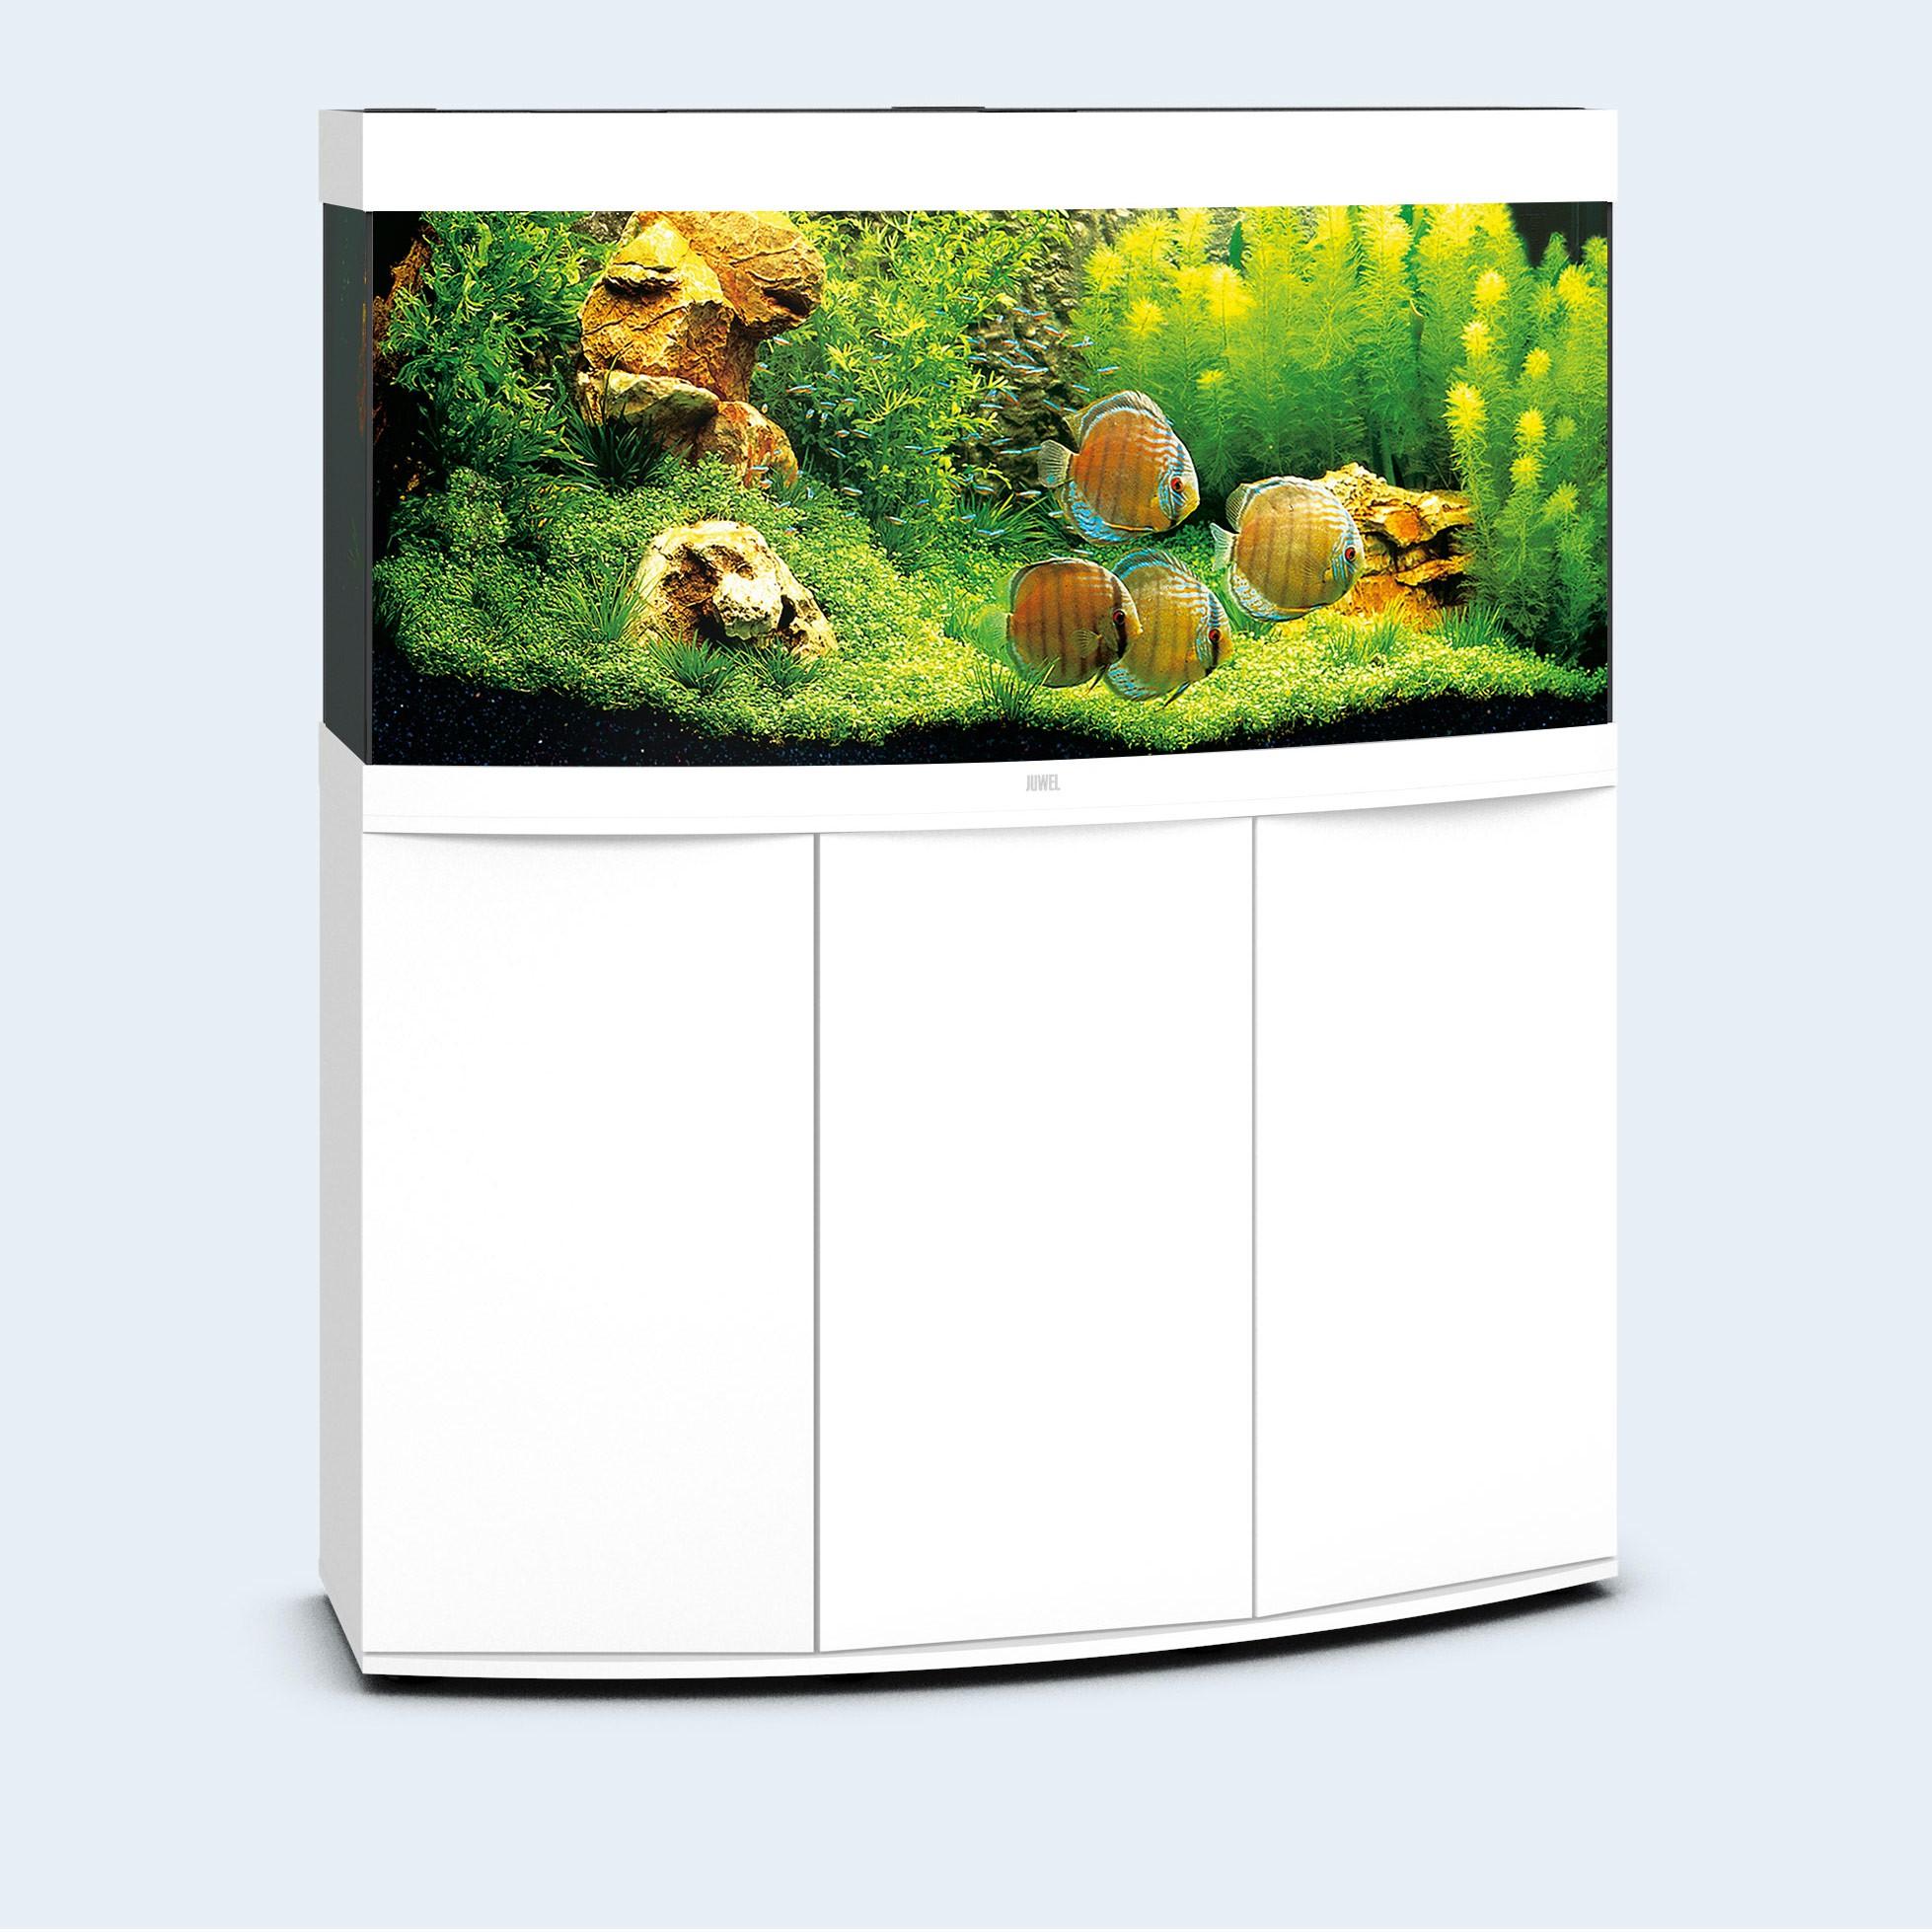 Juwel vision 260 liter hvid med underskab og Ledlys